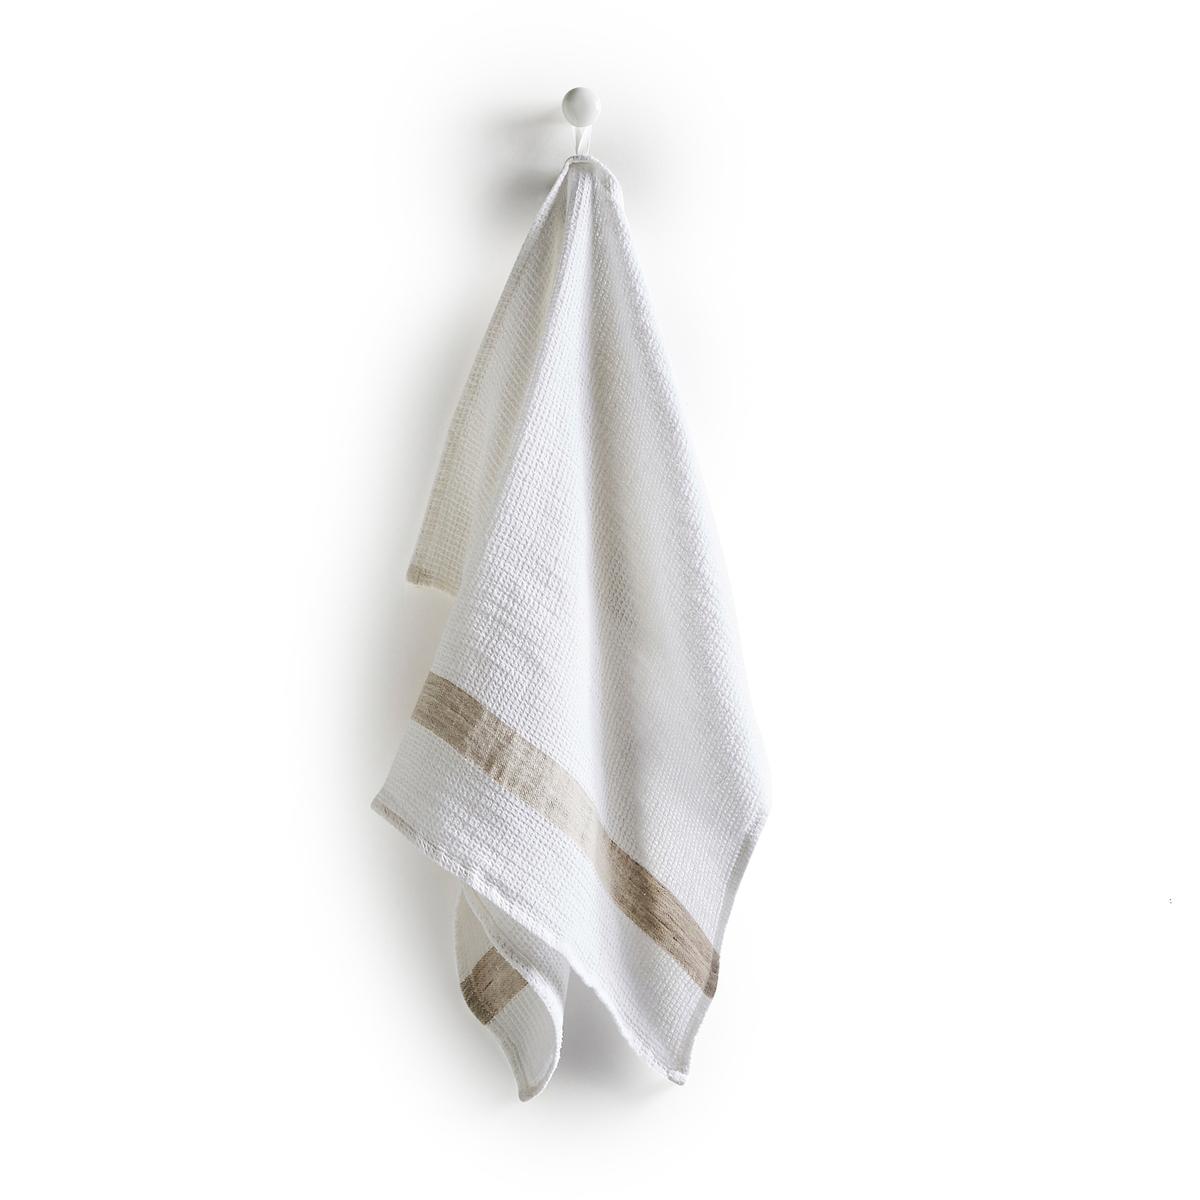 Полотенце из вафельной ткани, 100% лен, Dactyle<br><br>Цвет: антрацит,белый,серо-бежевый